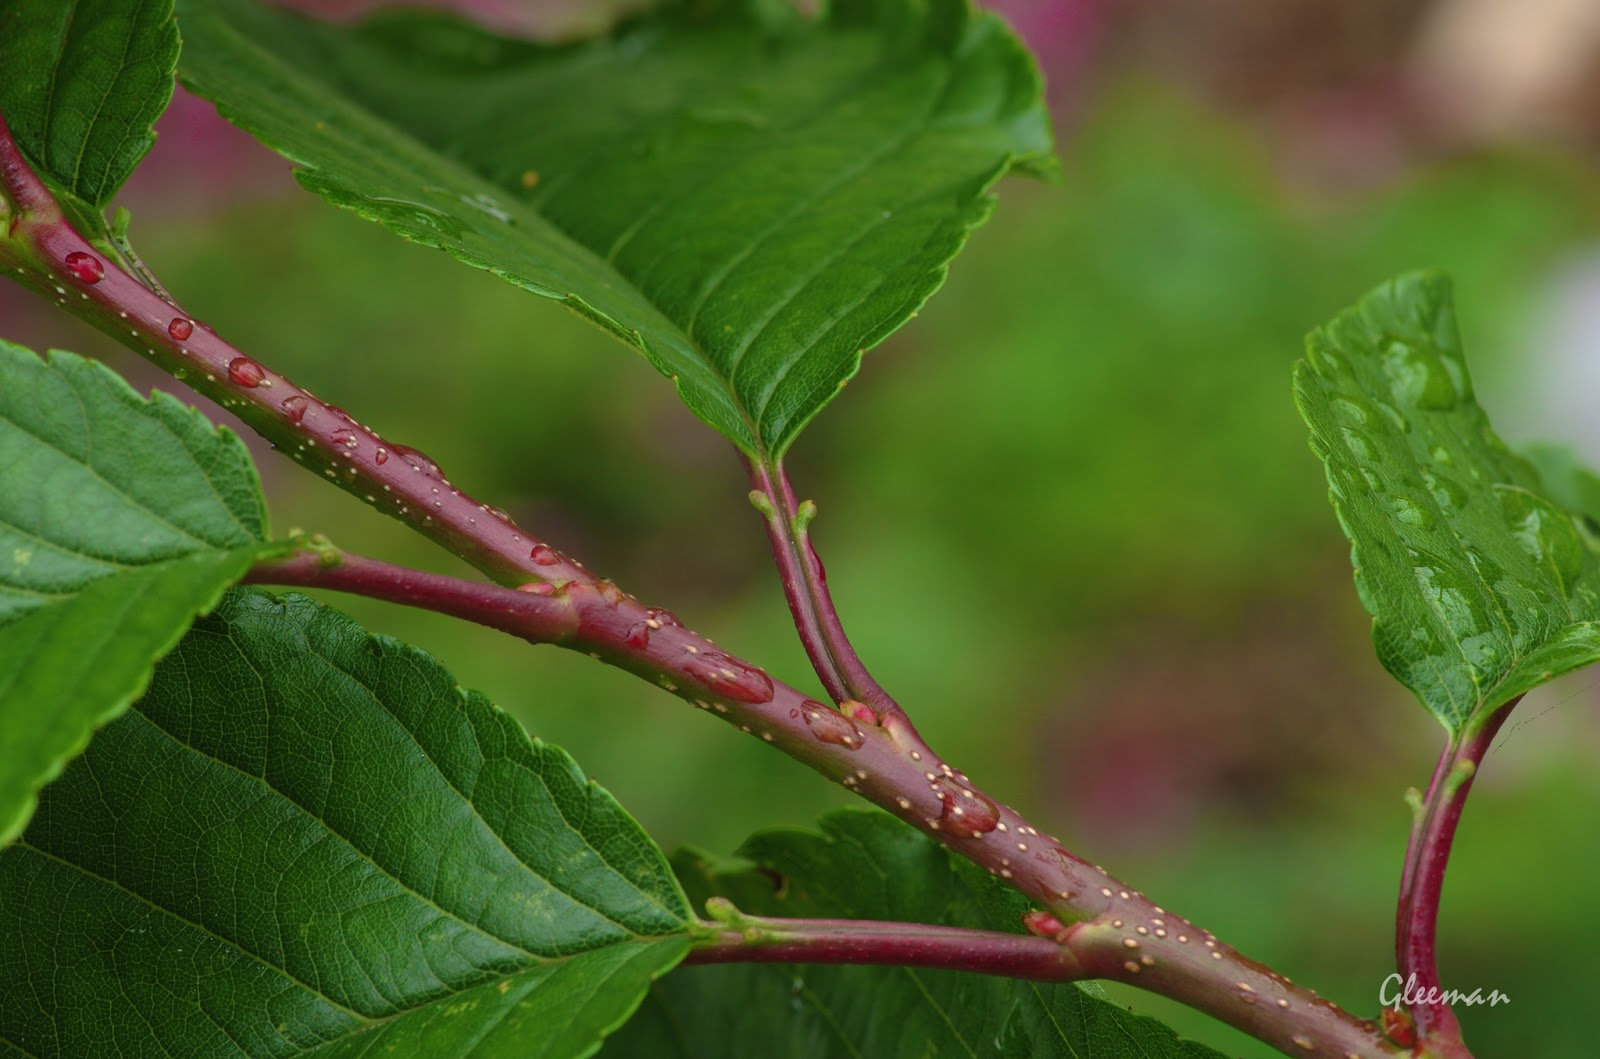 雞南山腳的美麗櫻花。今天特別觀察記錄了一下葉子的形態。